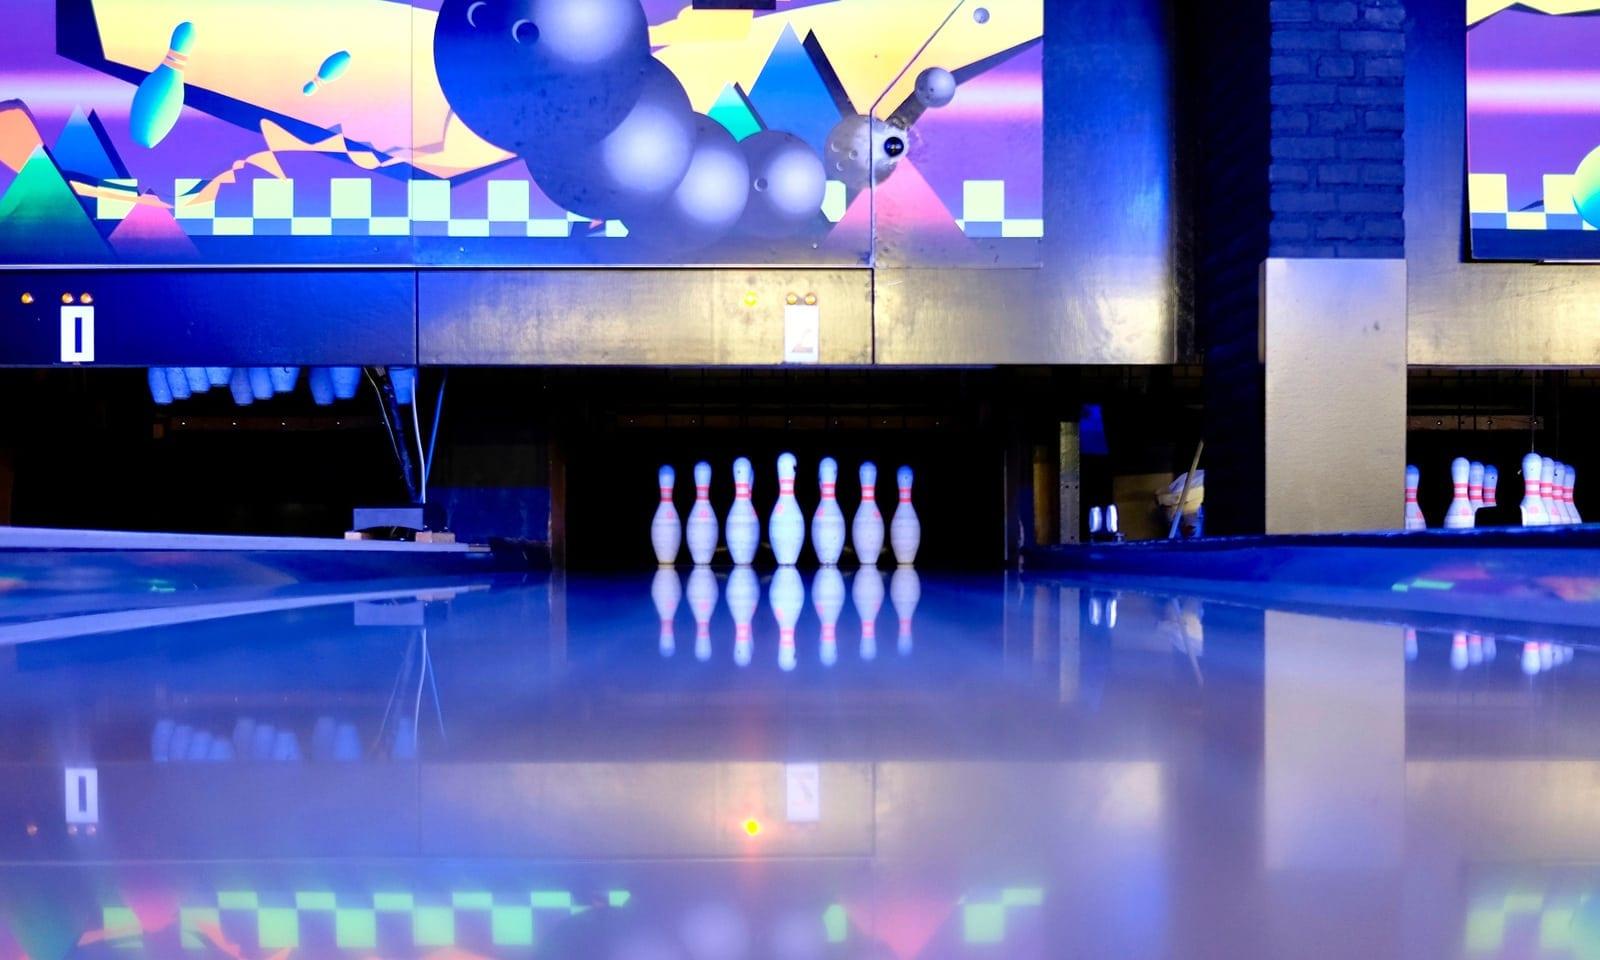 bowling-lane-image